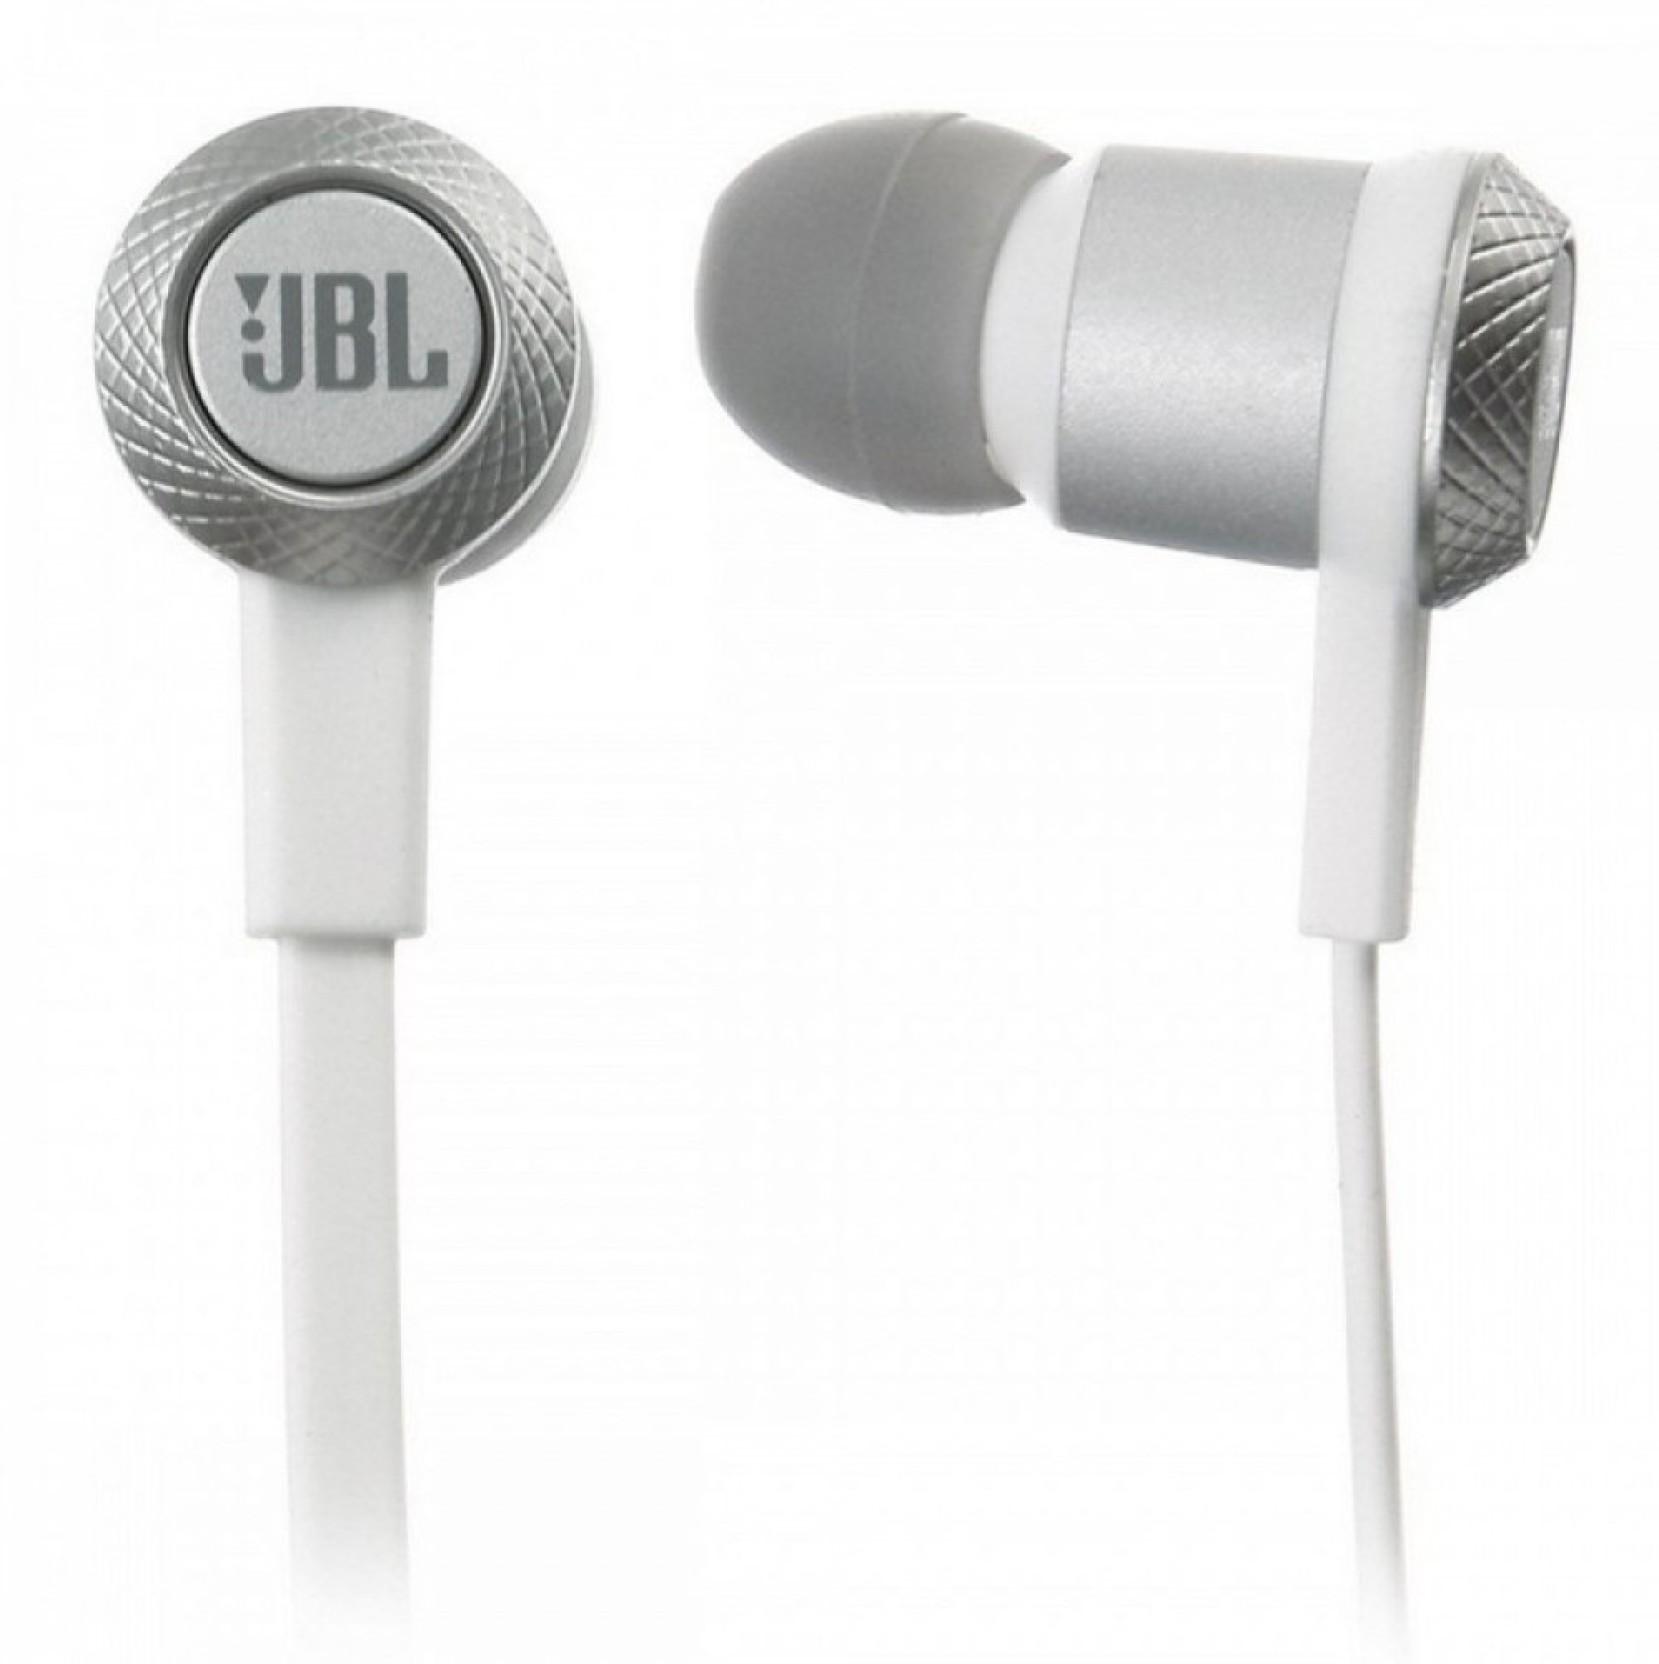 M Stark Jbl T290 Kits Oreillette Connecteursjack 35 Mm Bluetooth In Ear Headphone Silver Compare